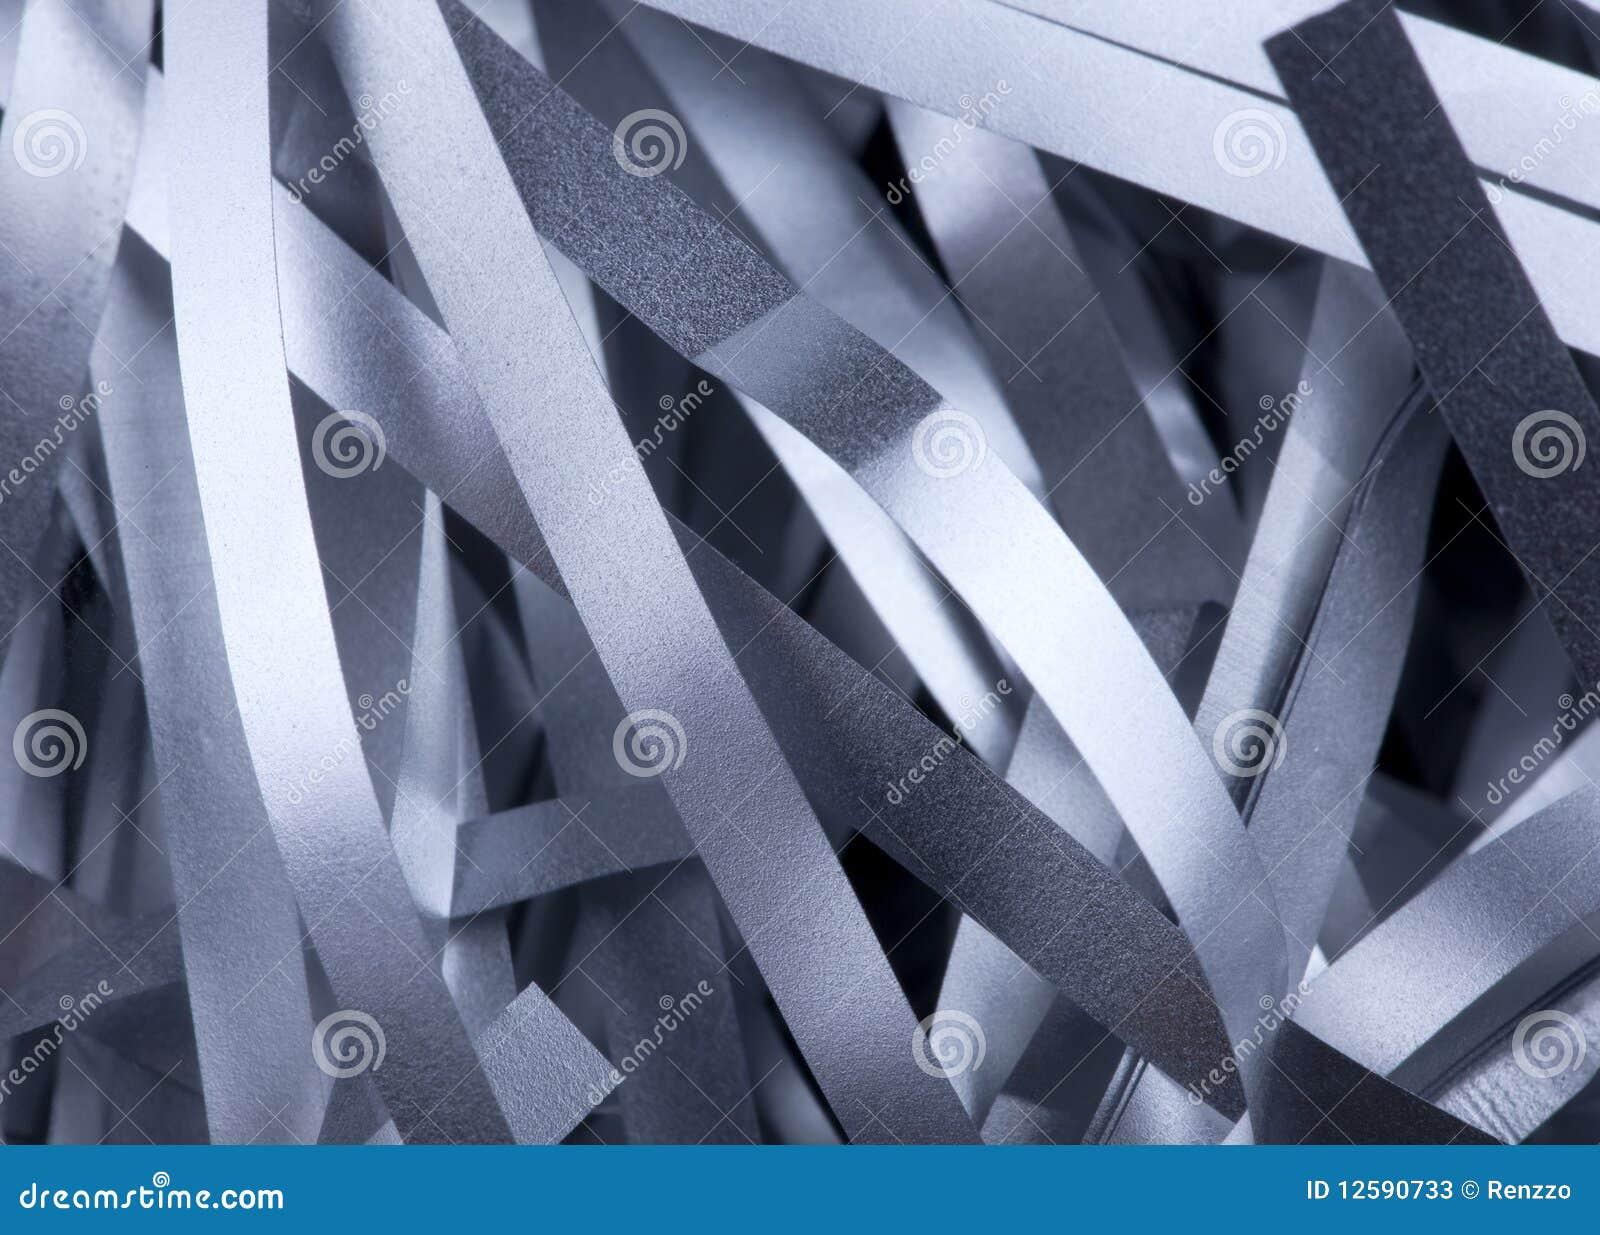 Metal Strips Close Up Stock Photos Image 12590733